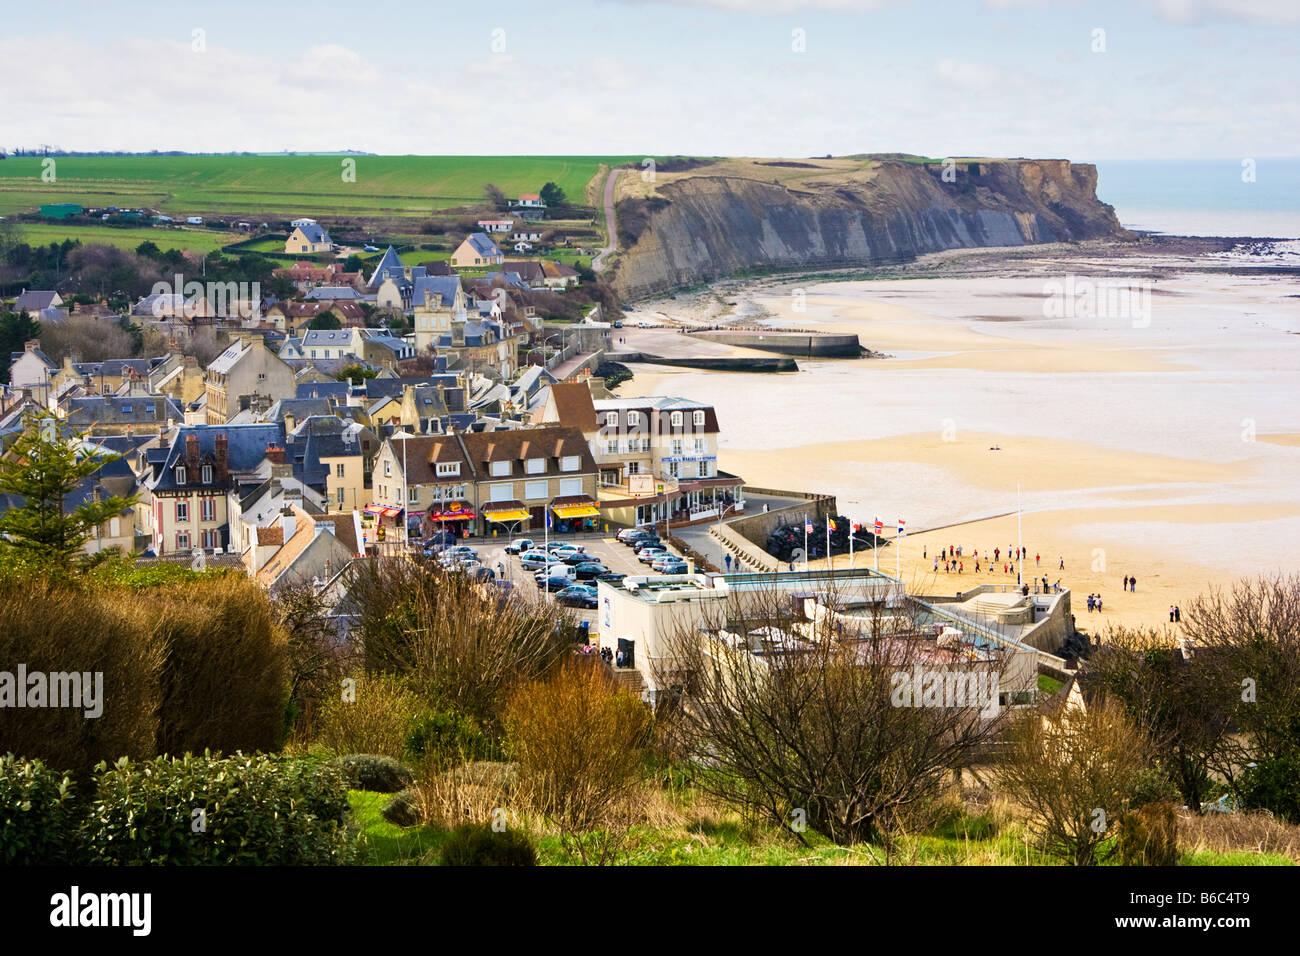 Arromanches Les Bains Normandy France - Stock Image